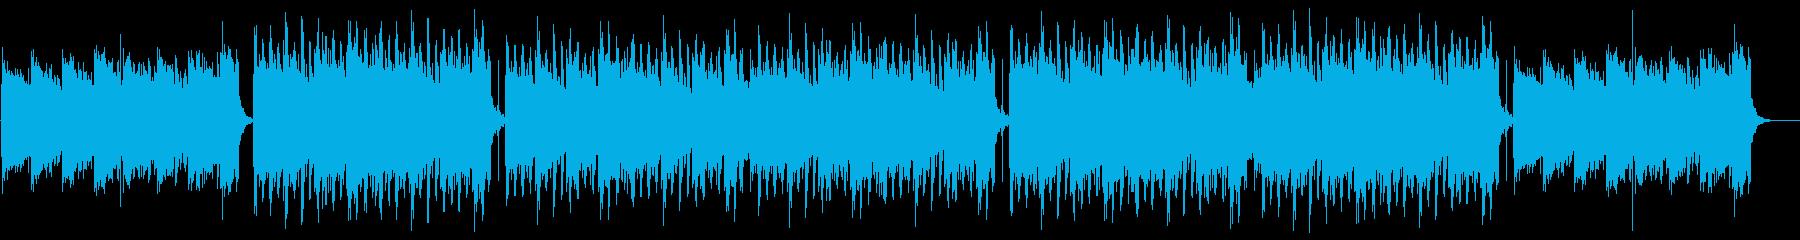 エレガントバイオリンポップメロディGt抜の再生済みの波形